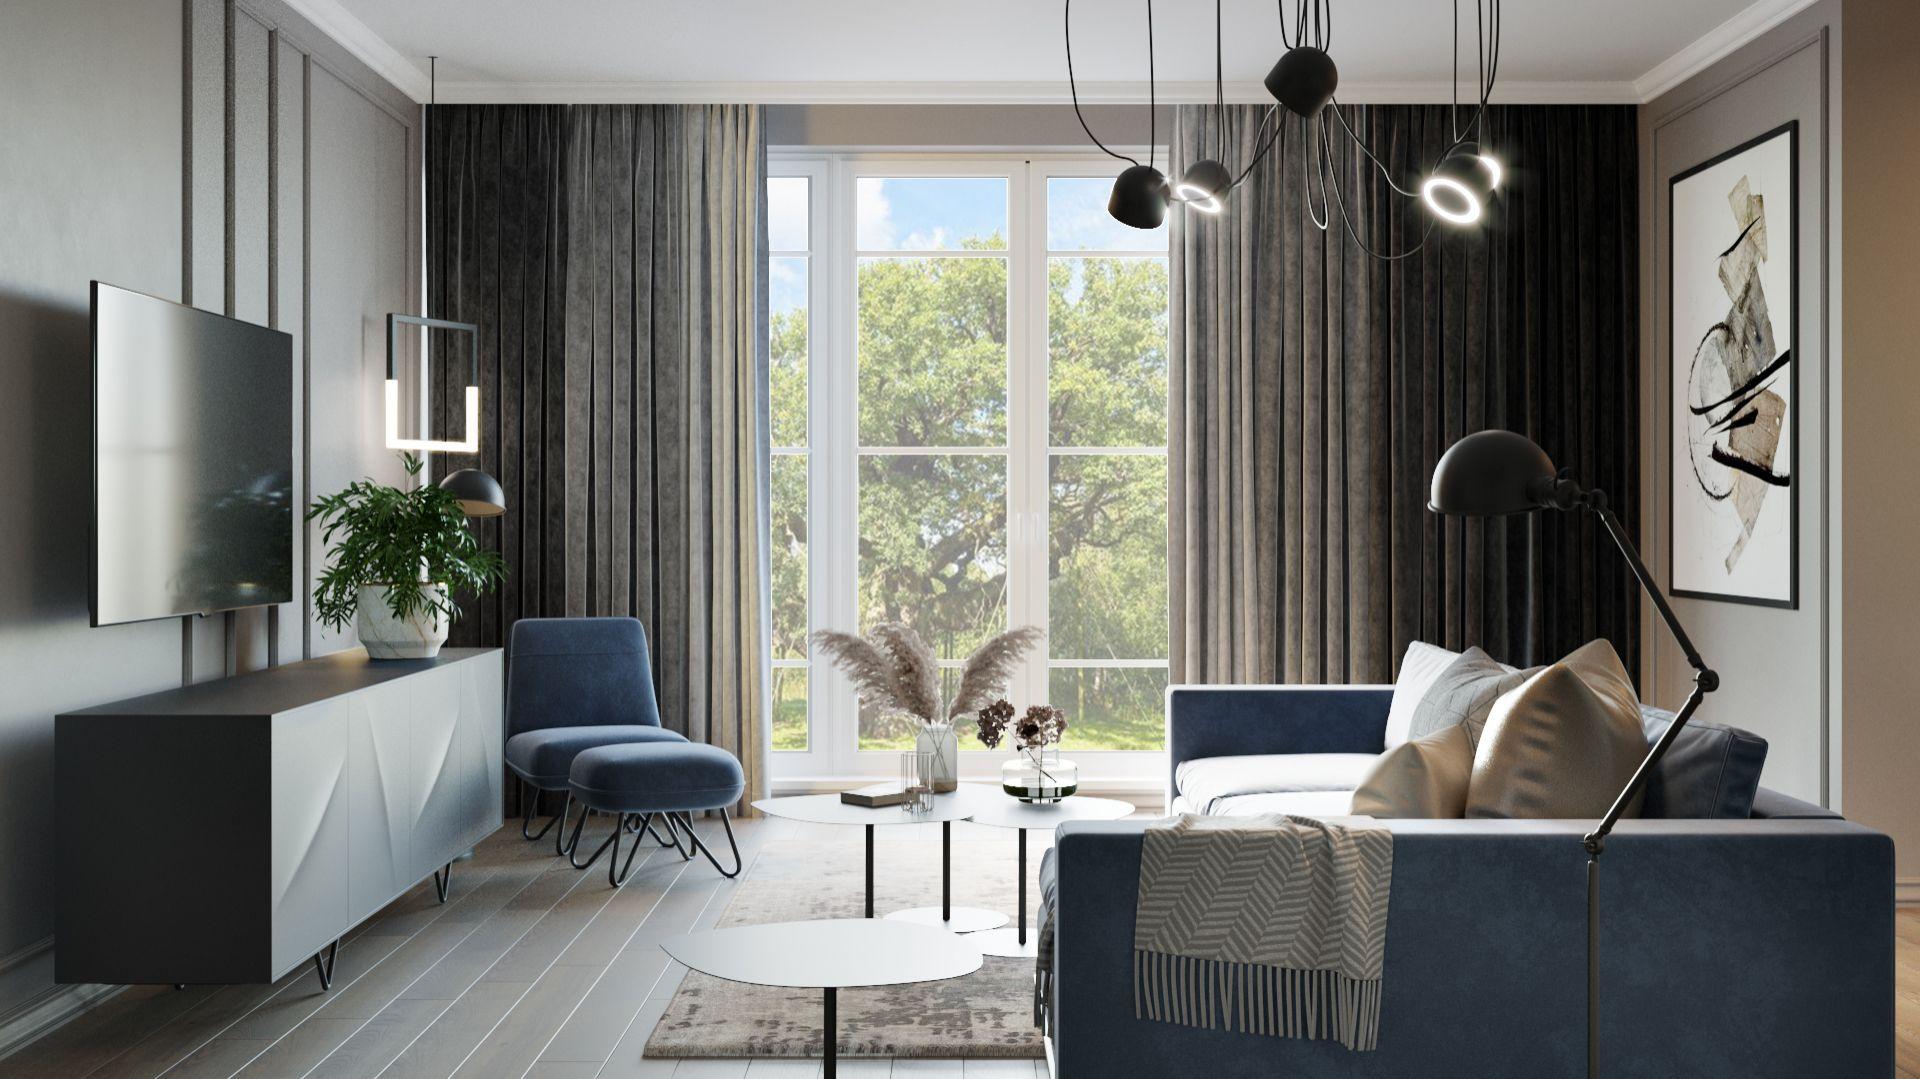 Zasłony w salonie - pomysł na dekorację okna. Projekt i wizualizacje Agnieszka Rozmysłowicz, Viann Interior Design